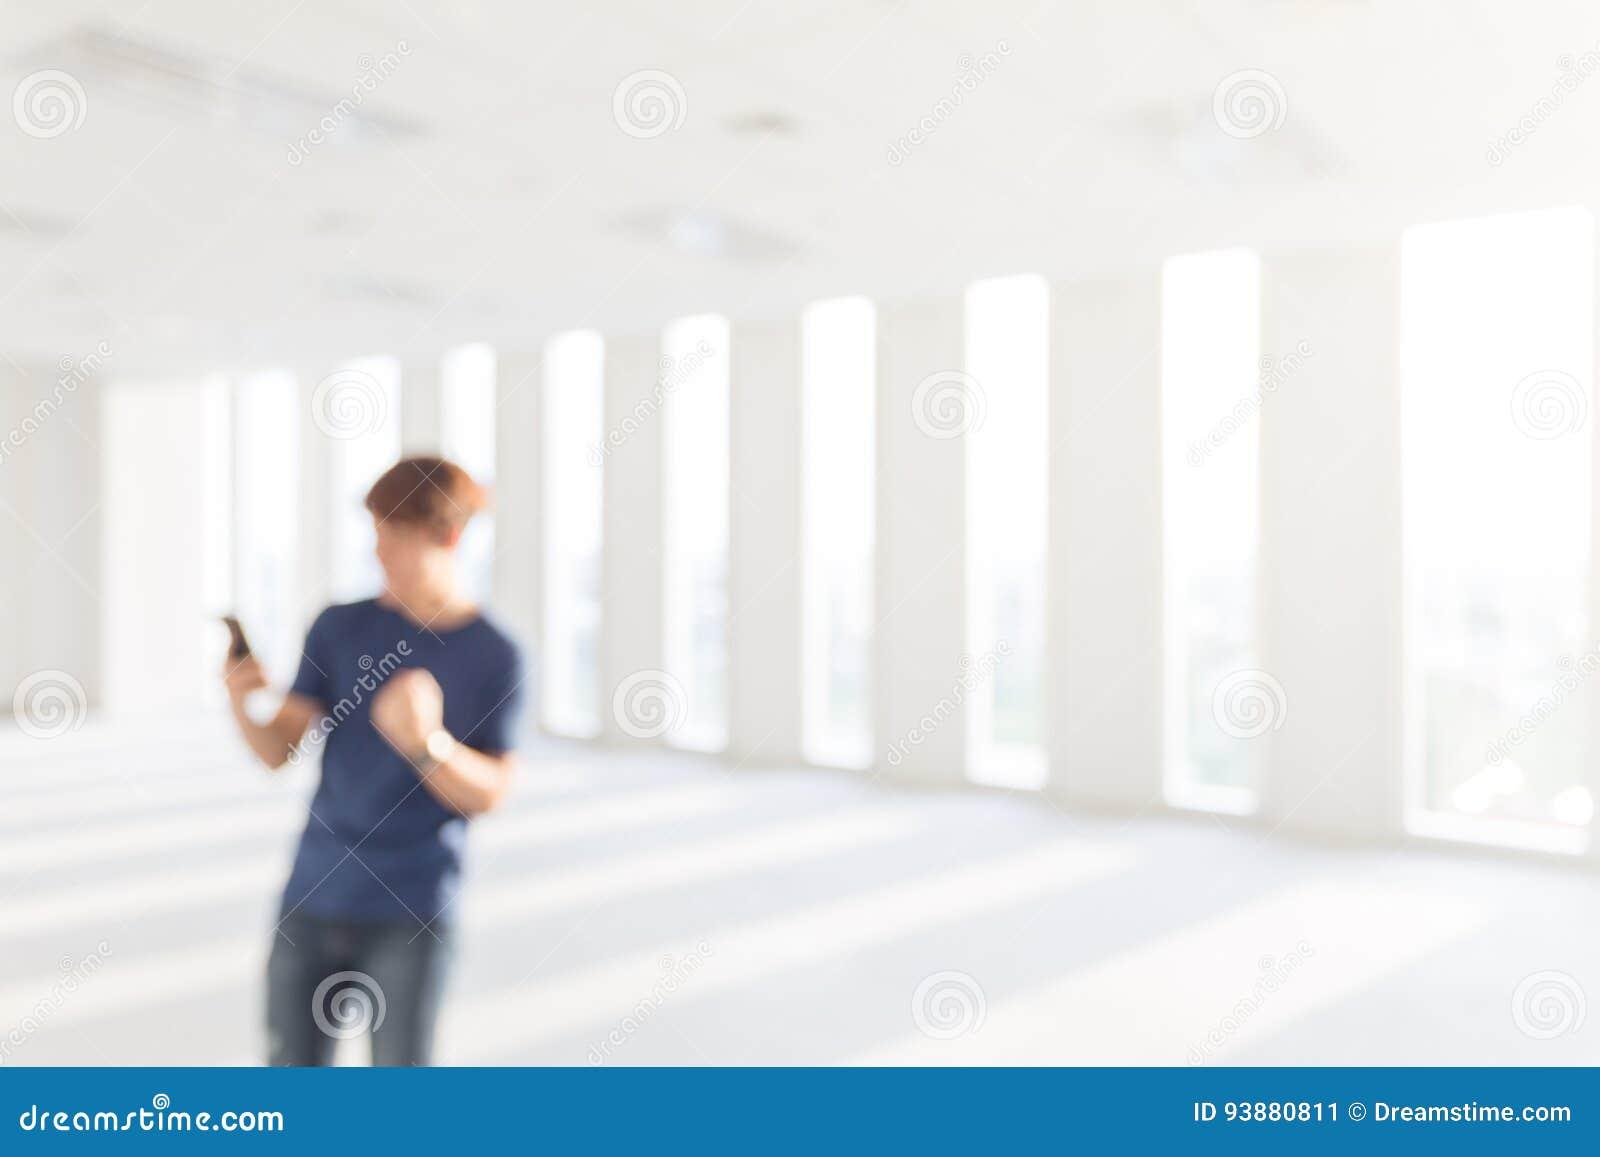 Zamazany obrazek Szczęśliwy młodego człowieka mienia smartphone i celebra